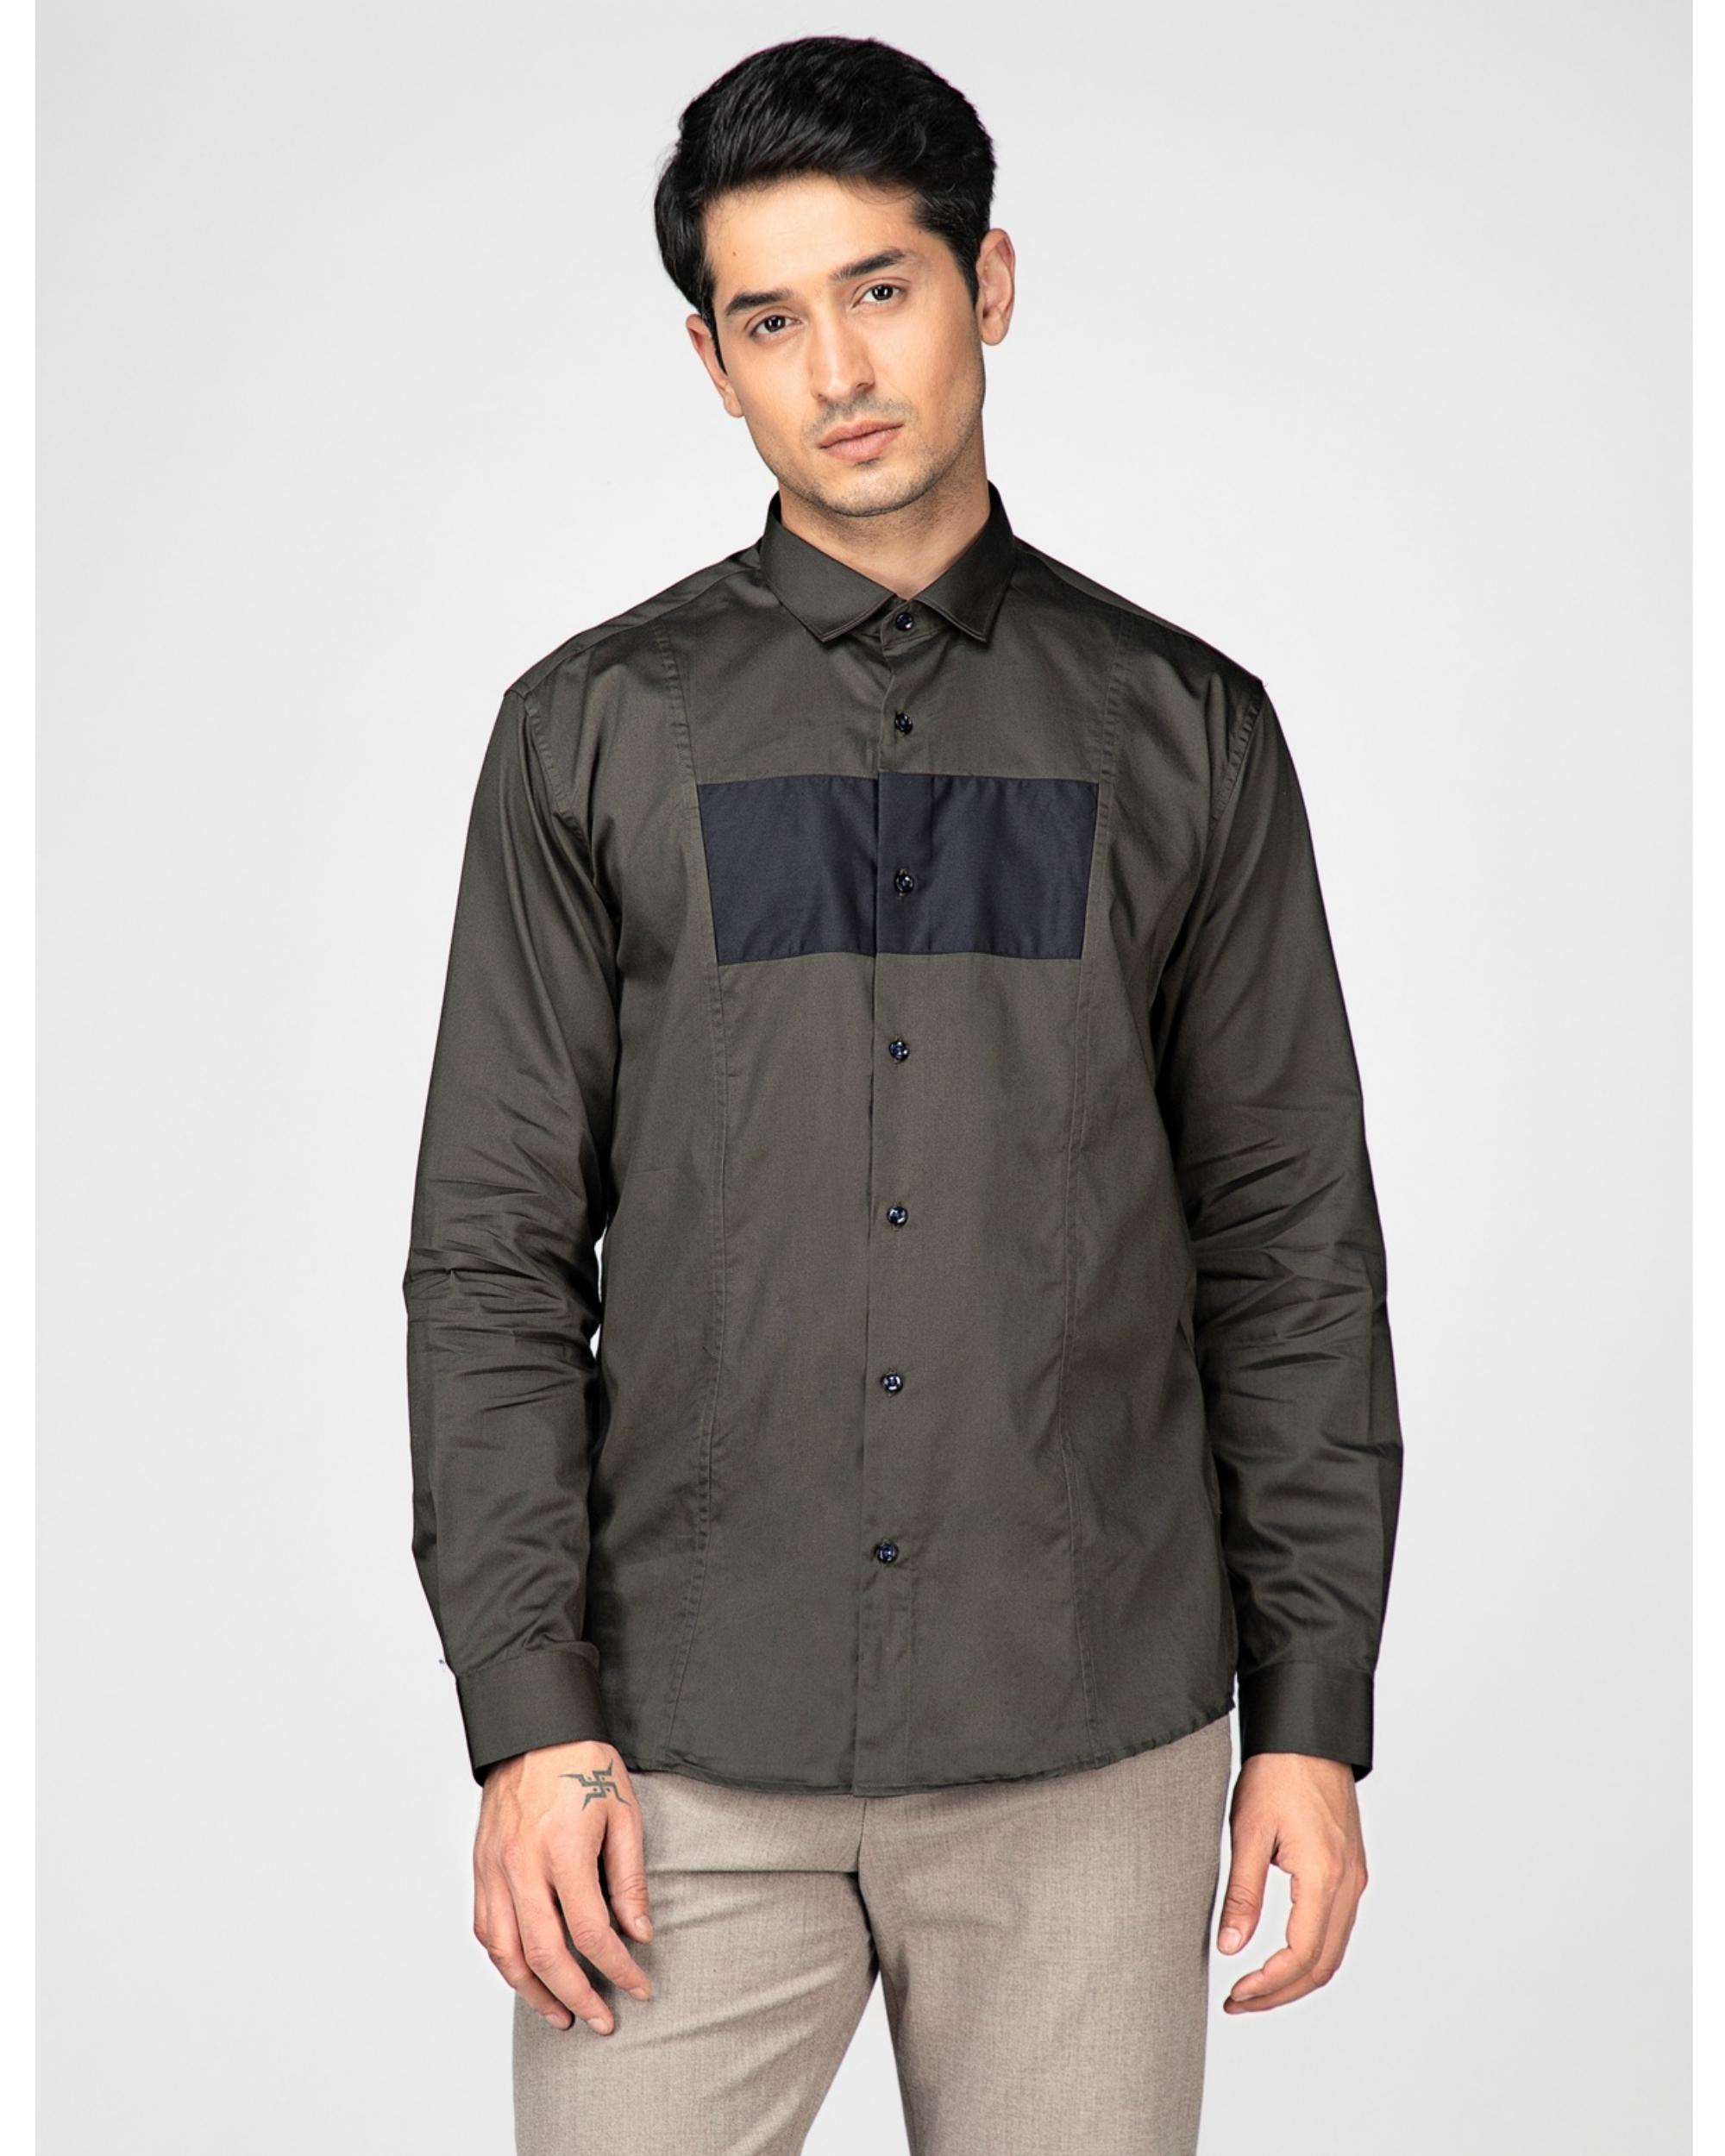 Olive rectangle paneled casual shirt